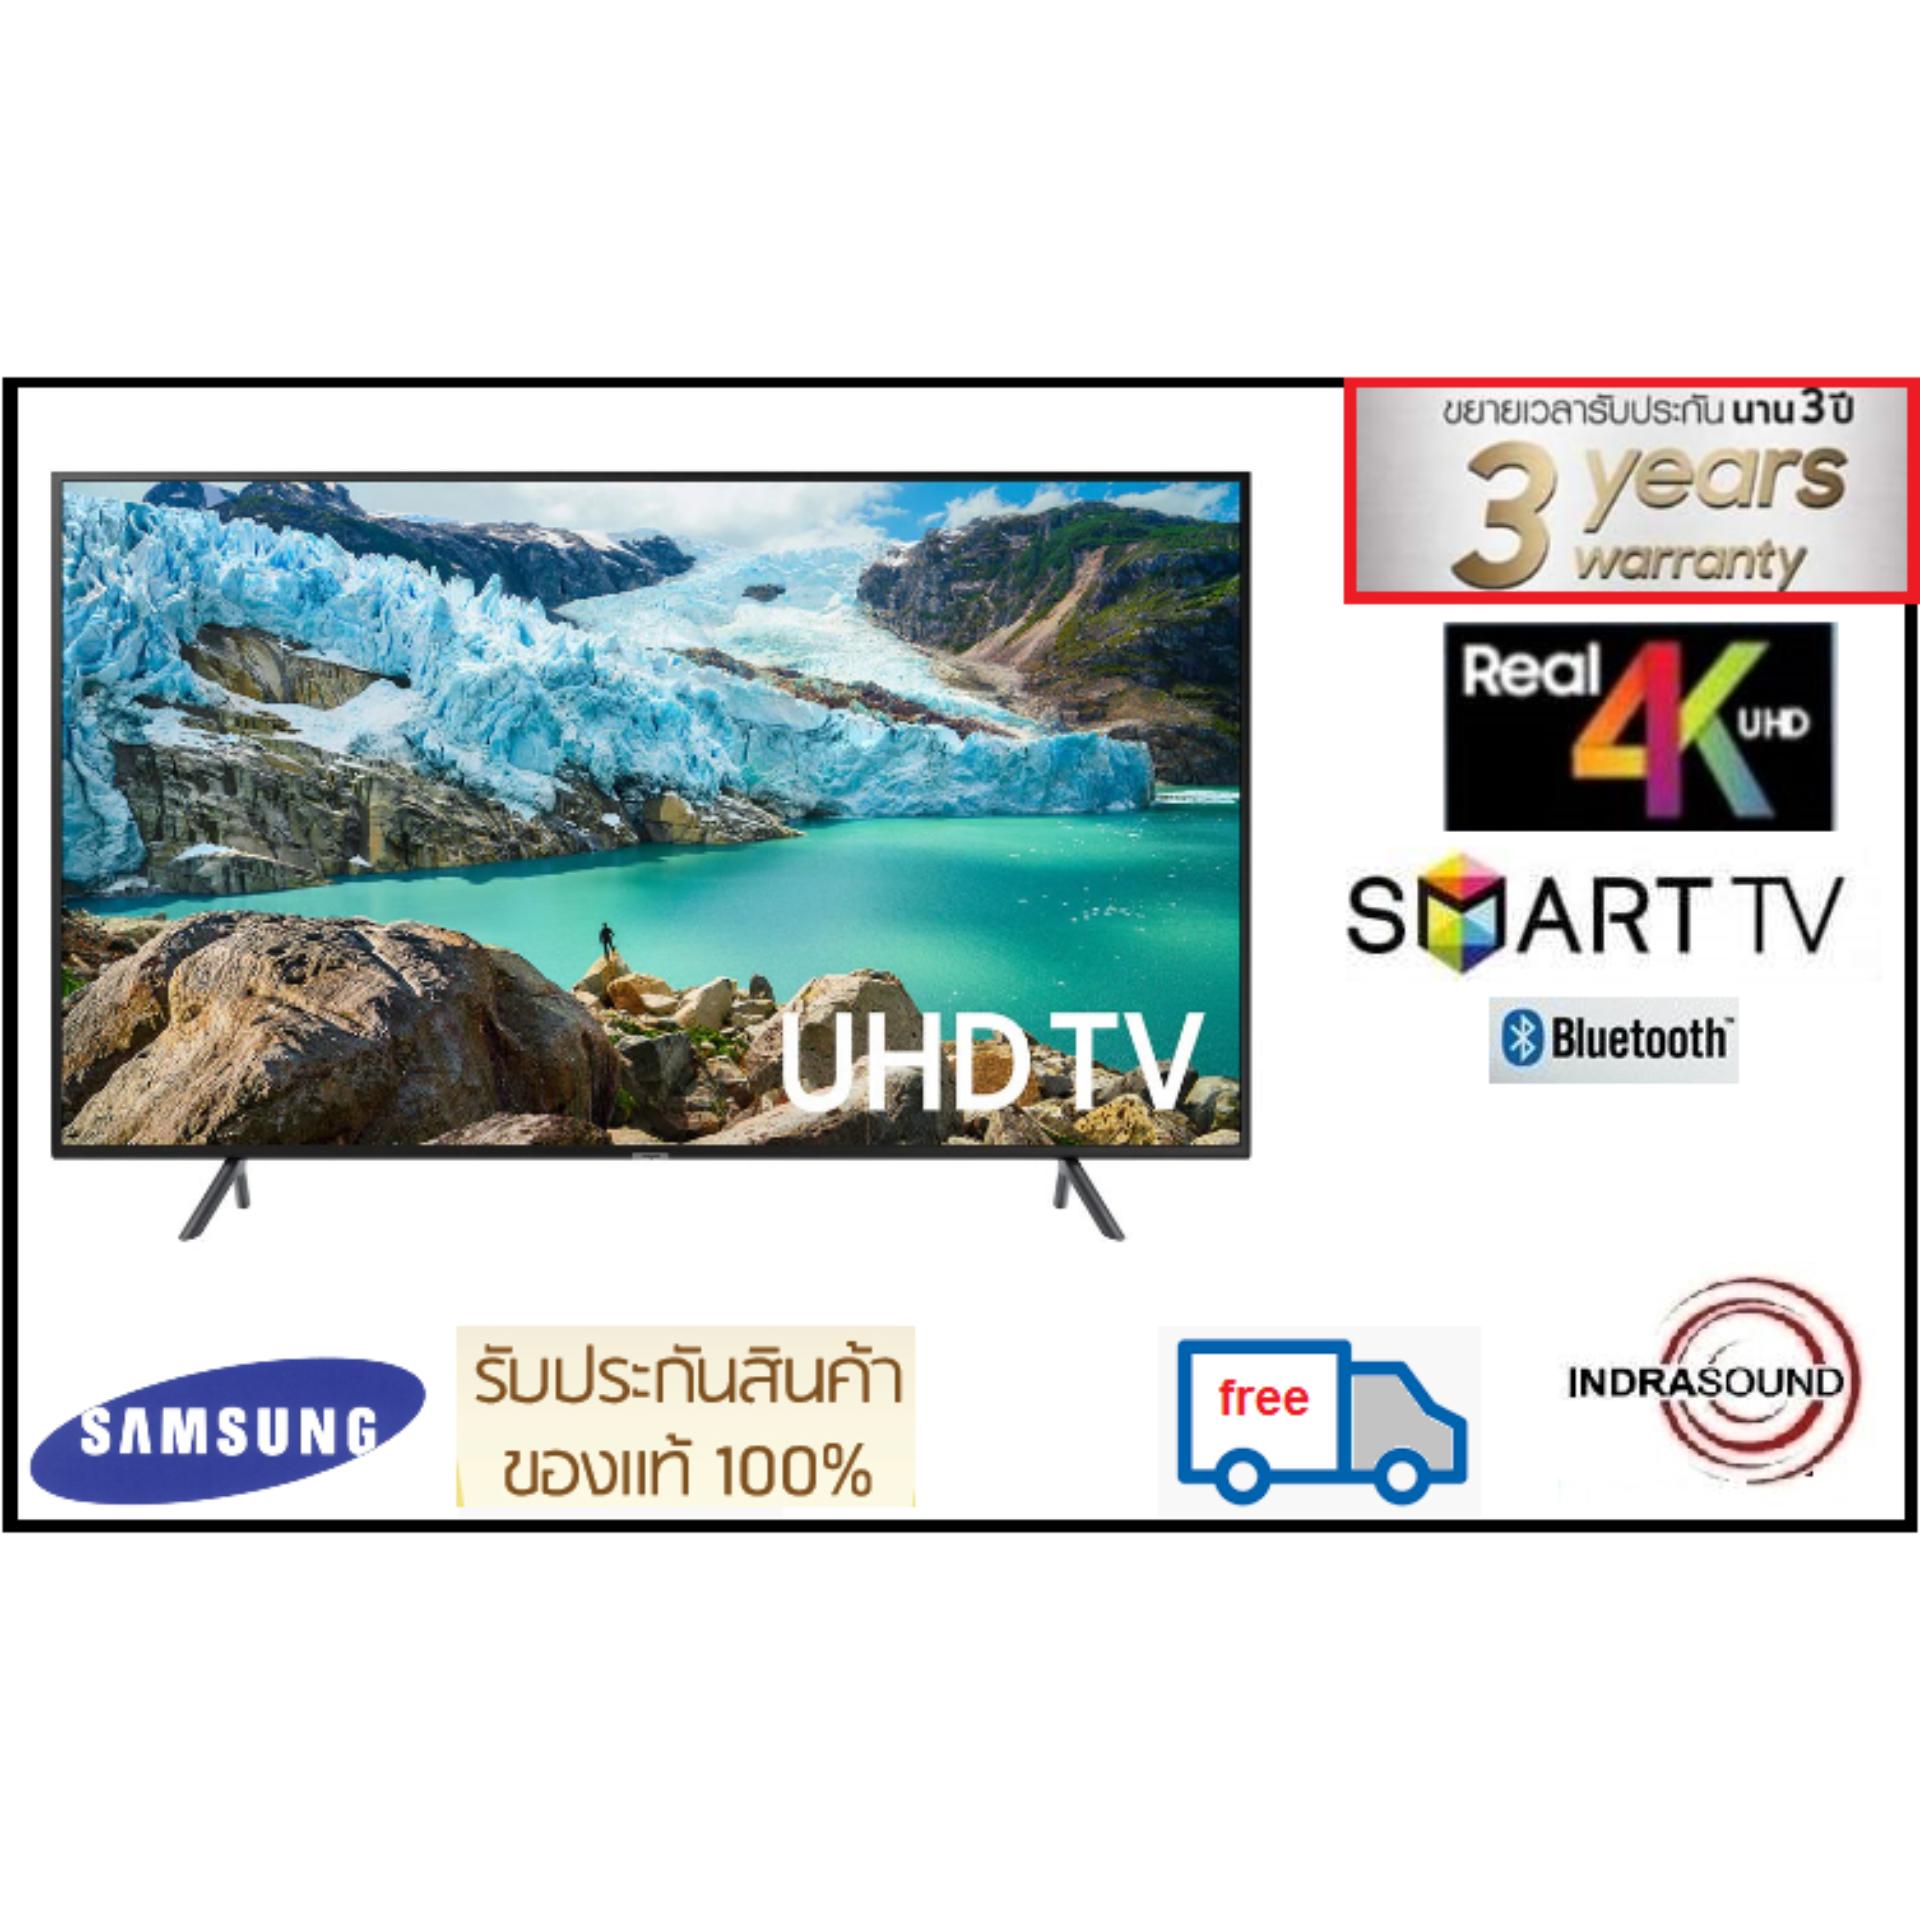 Samsung 4k Uhd Smart Tvรุ่น Ua55ru7100 55นิ้ว ( Ua55ru7100k ) 4kที่แท้จริง คมชัดทุกมุมมอง ลดราคาต้อนรับปีใหม่.